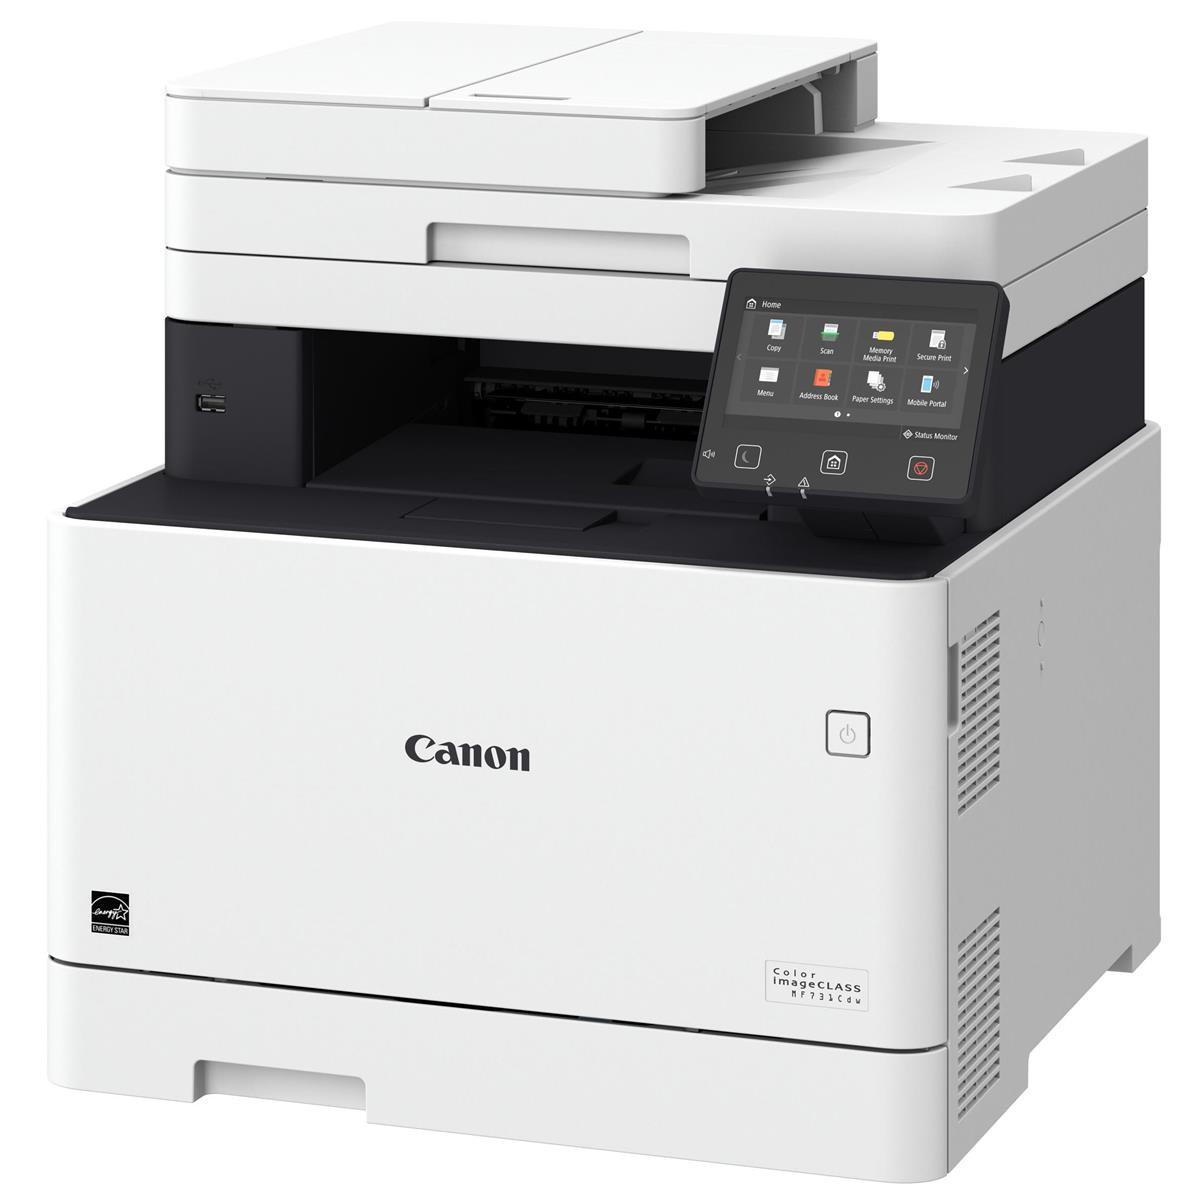 Canon Color imageCLASS MF731Cdw 3-in-1 Wireless Duplex Laser